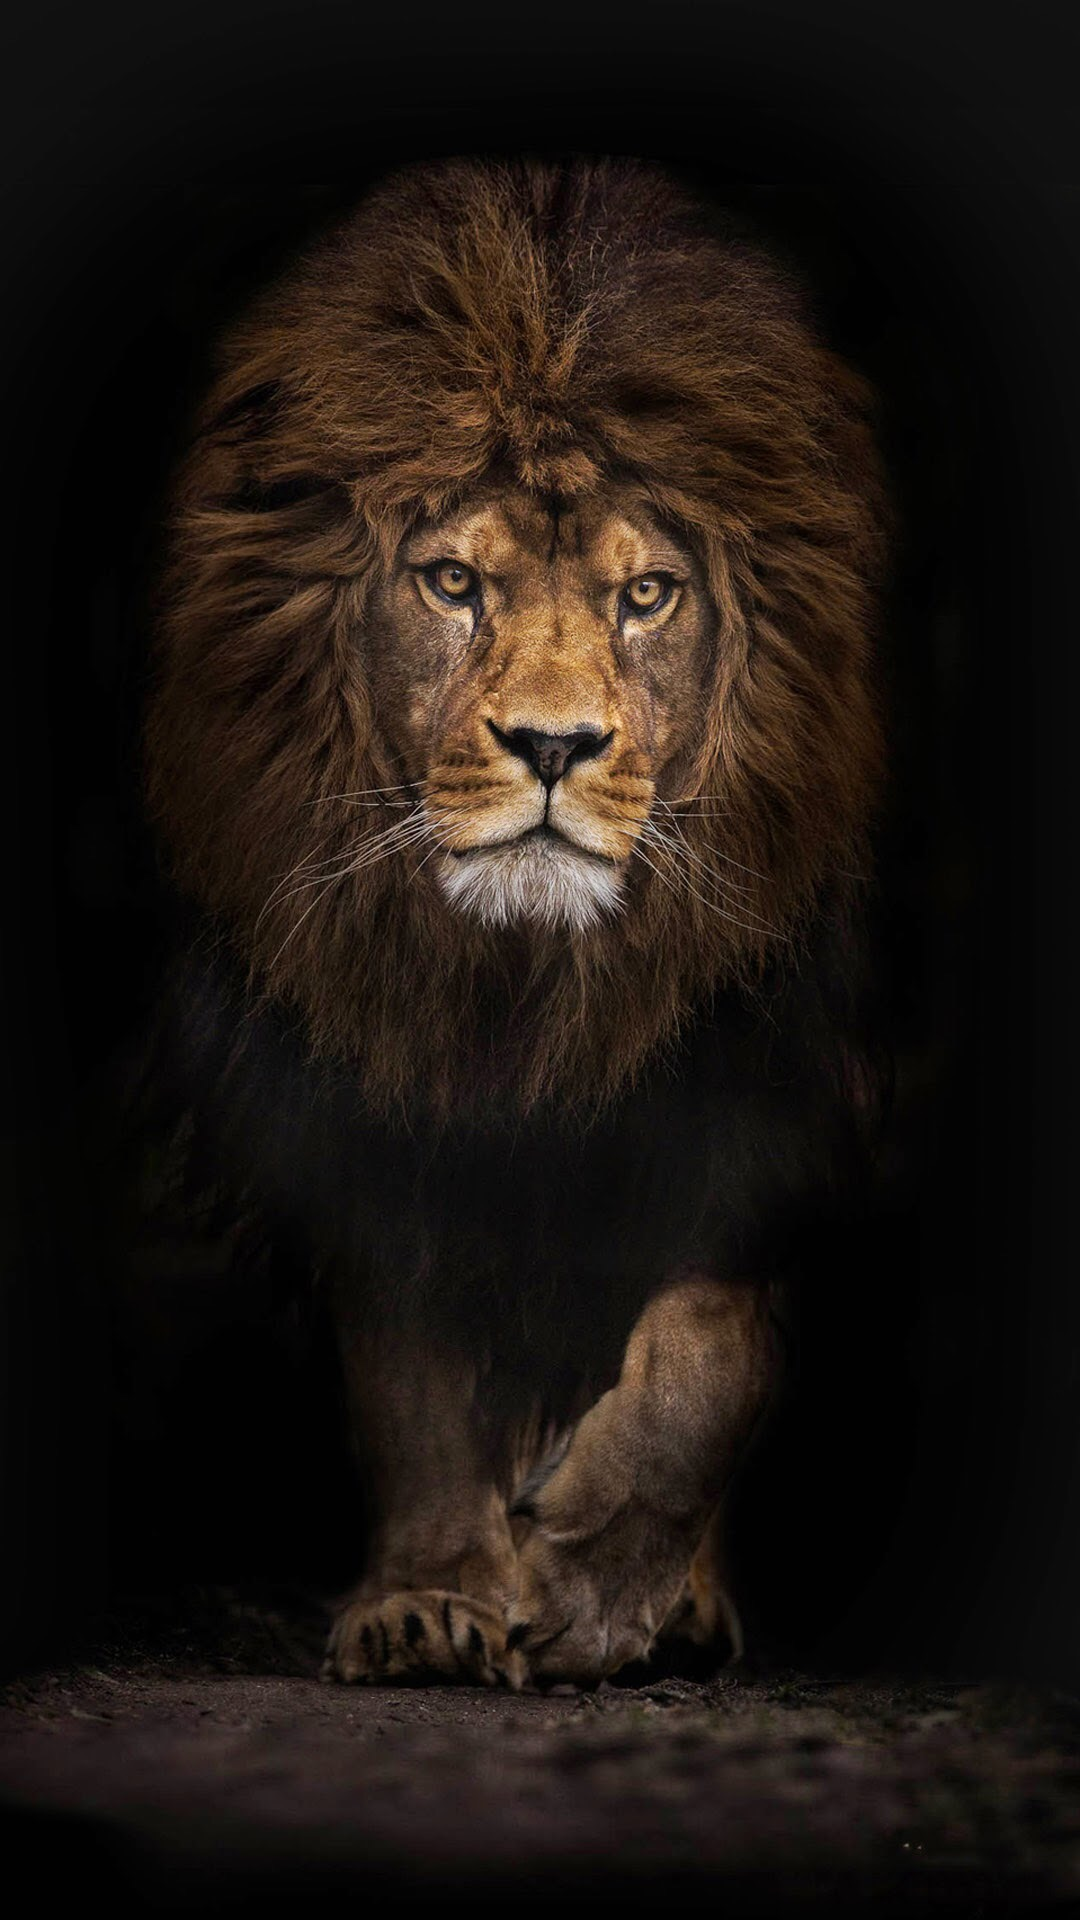 iPhone wallpaper lion1 Lion